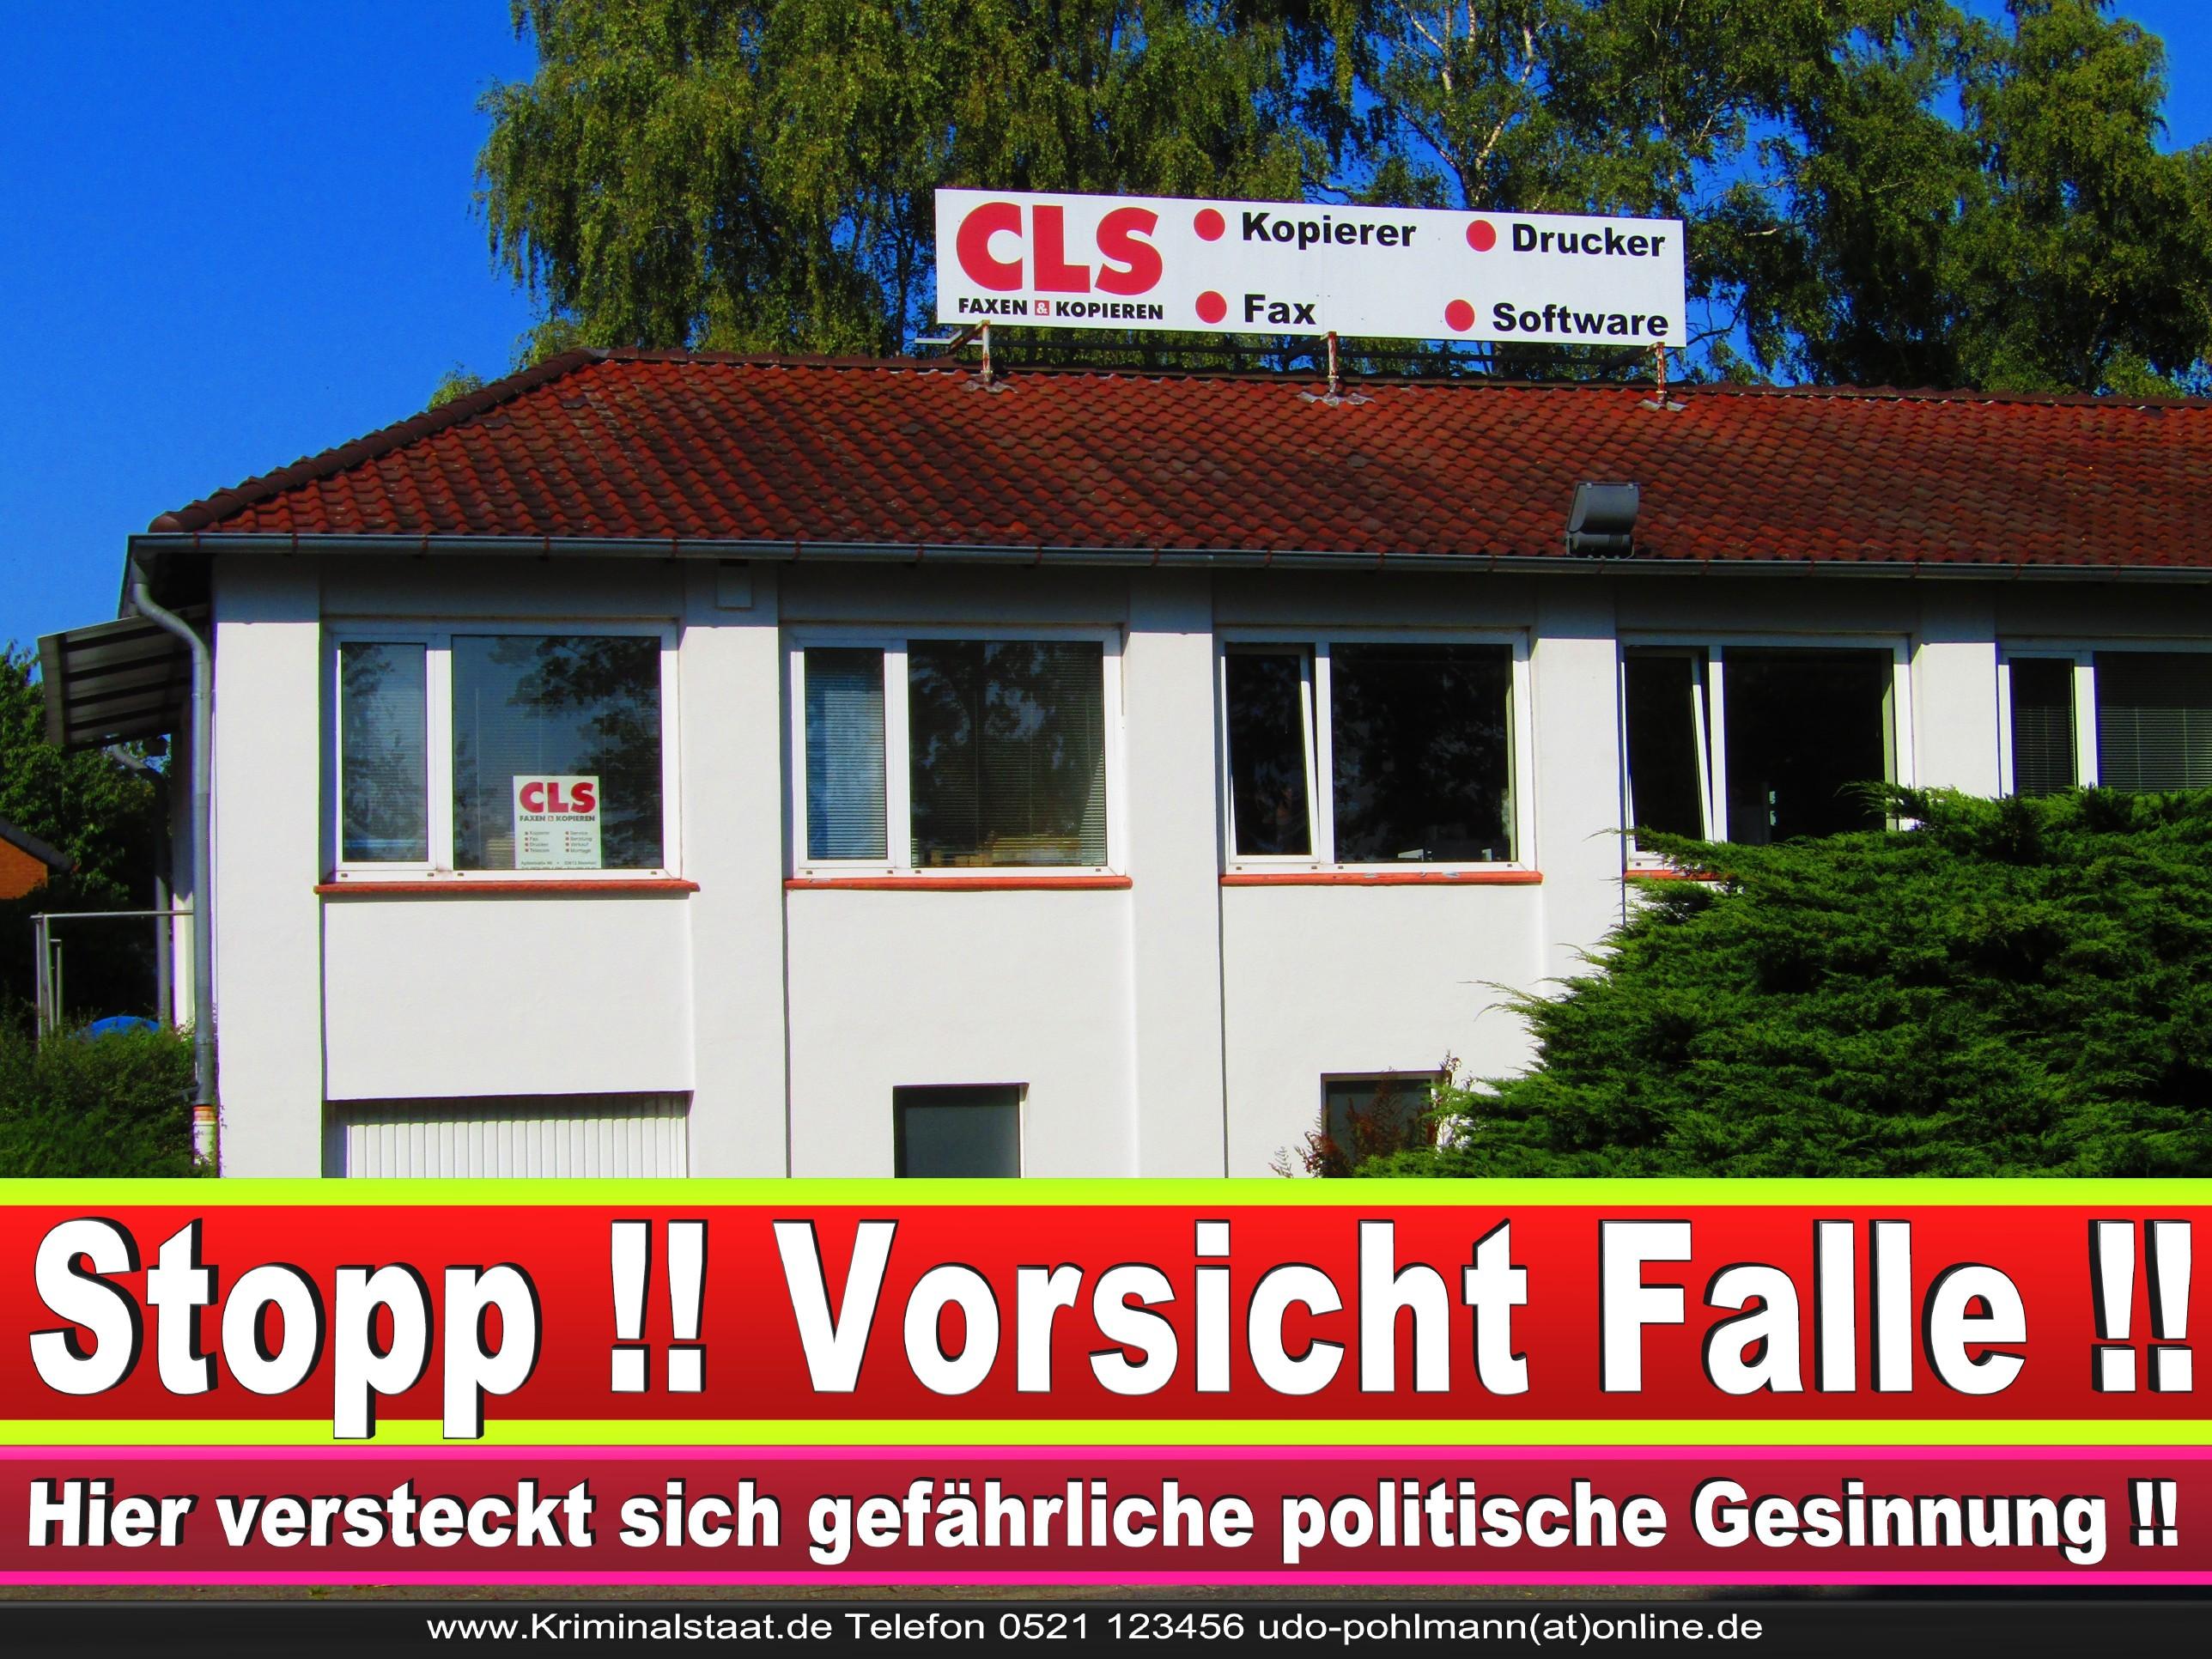 CLS MENSCH UND BÜRO GMBH CDU BIELEFELD 1 LANDTAGSWAHL BUNDESTAGSWAHL BÜRGERMEISTERWAHL